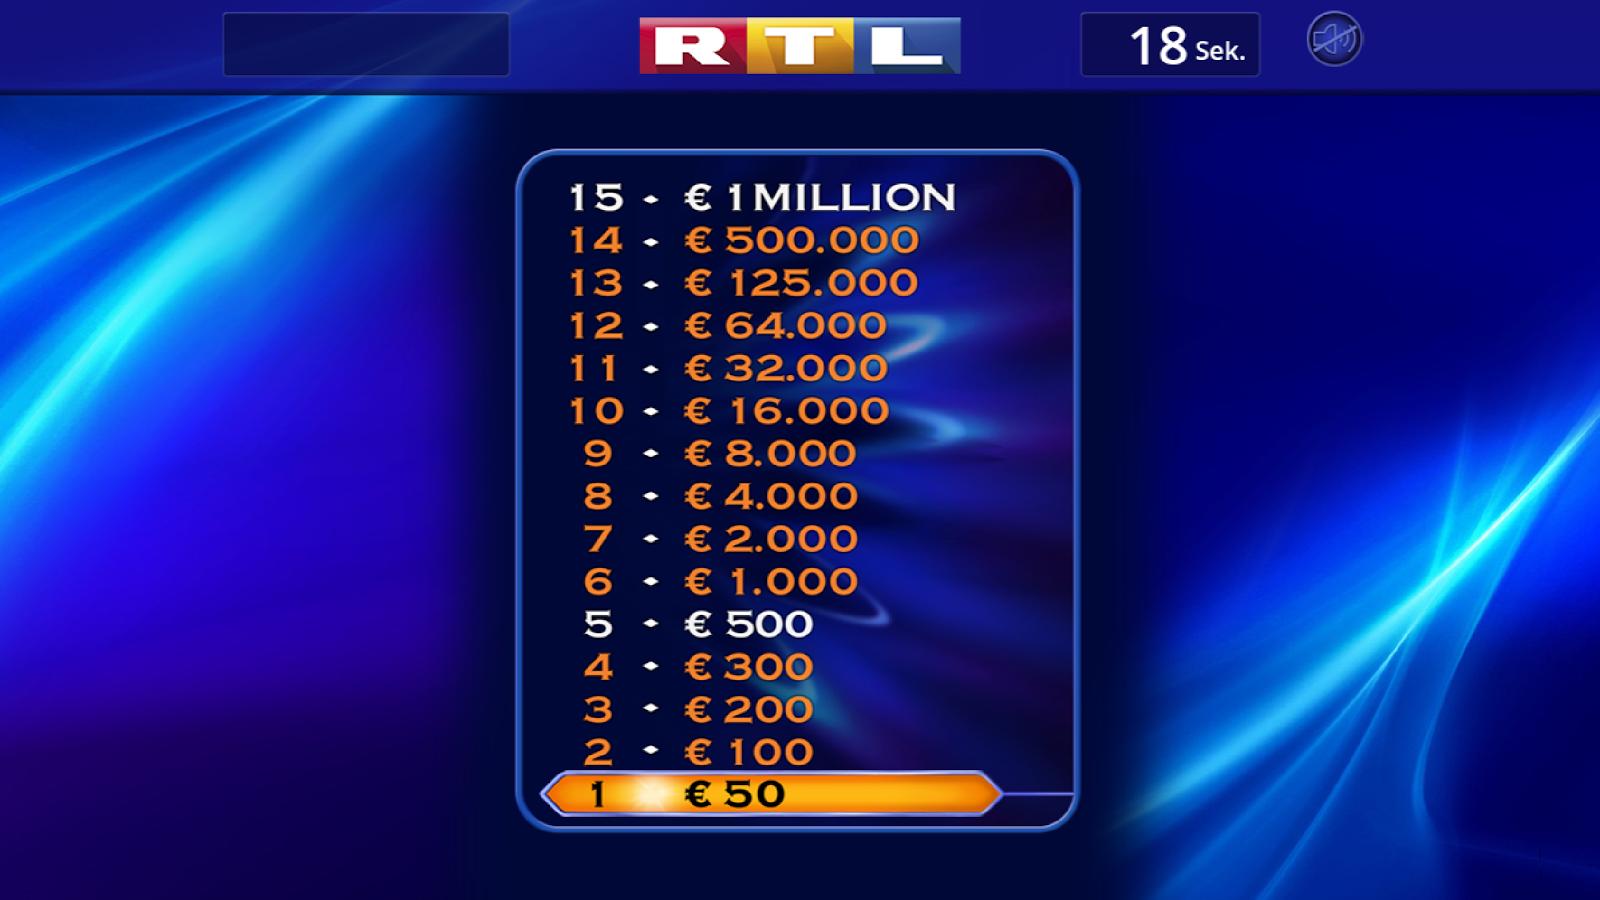 Rtl Trainingslager Wer Wird Millionär